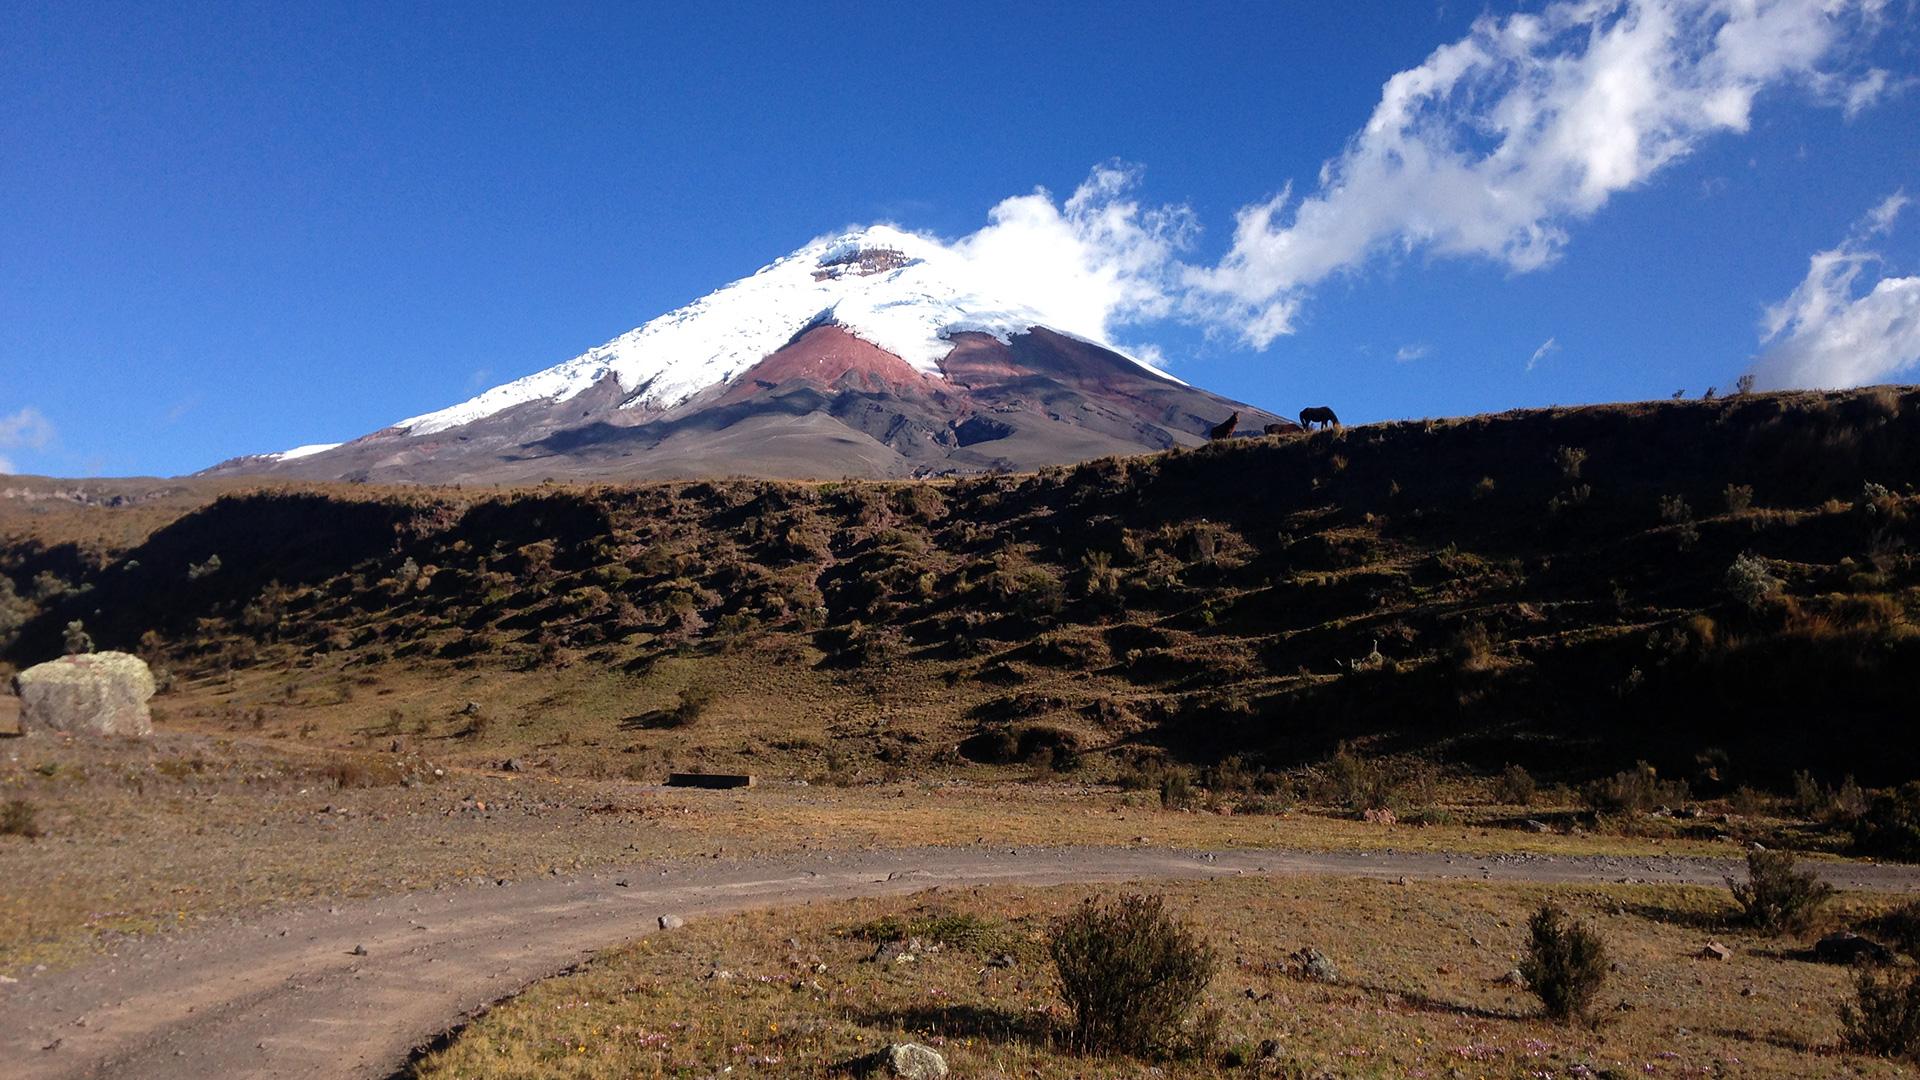 Climbing Ecuador Tours, Climbing Illinizas, Cotopaxi Climbing, Ecuador Tours, Ecuador Tours Climbing, Climbing Ecuador, Ecuador Tour